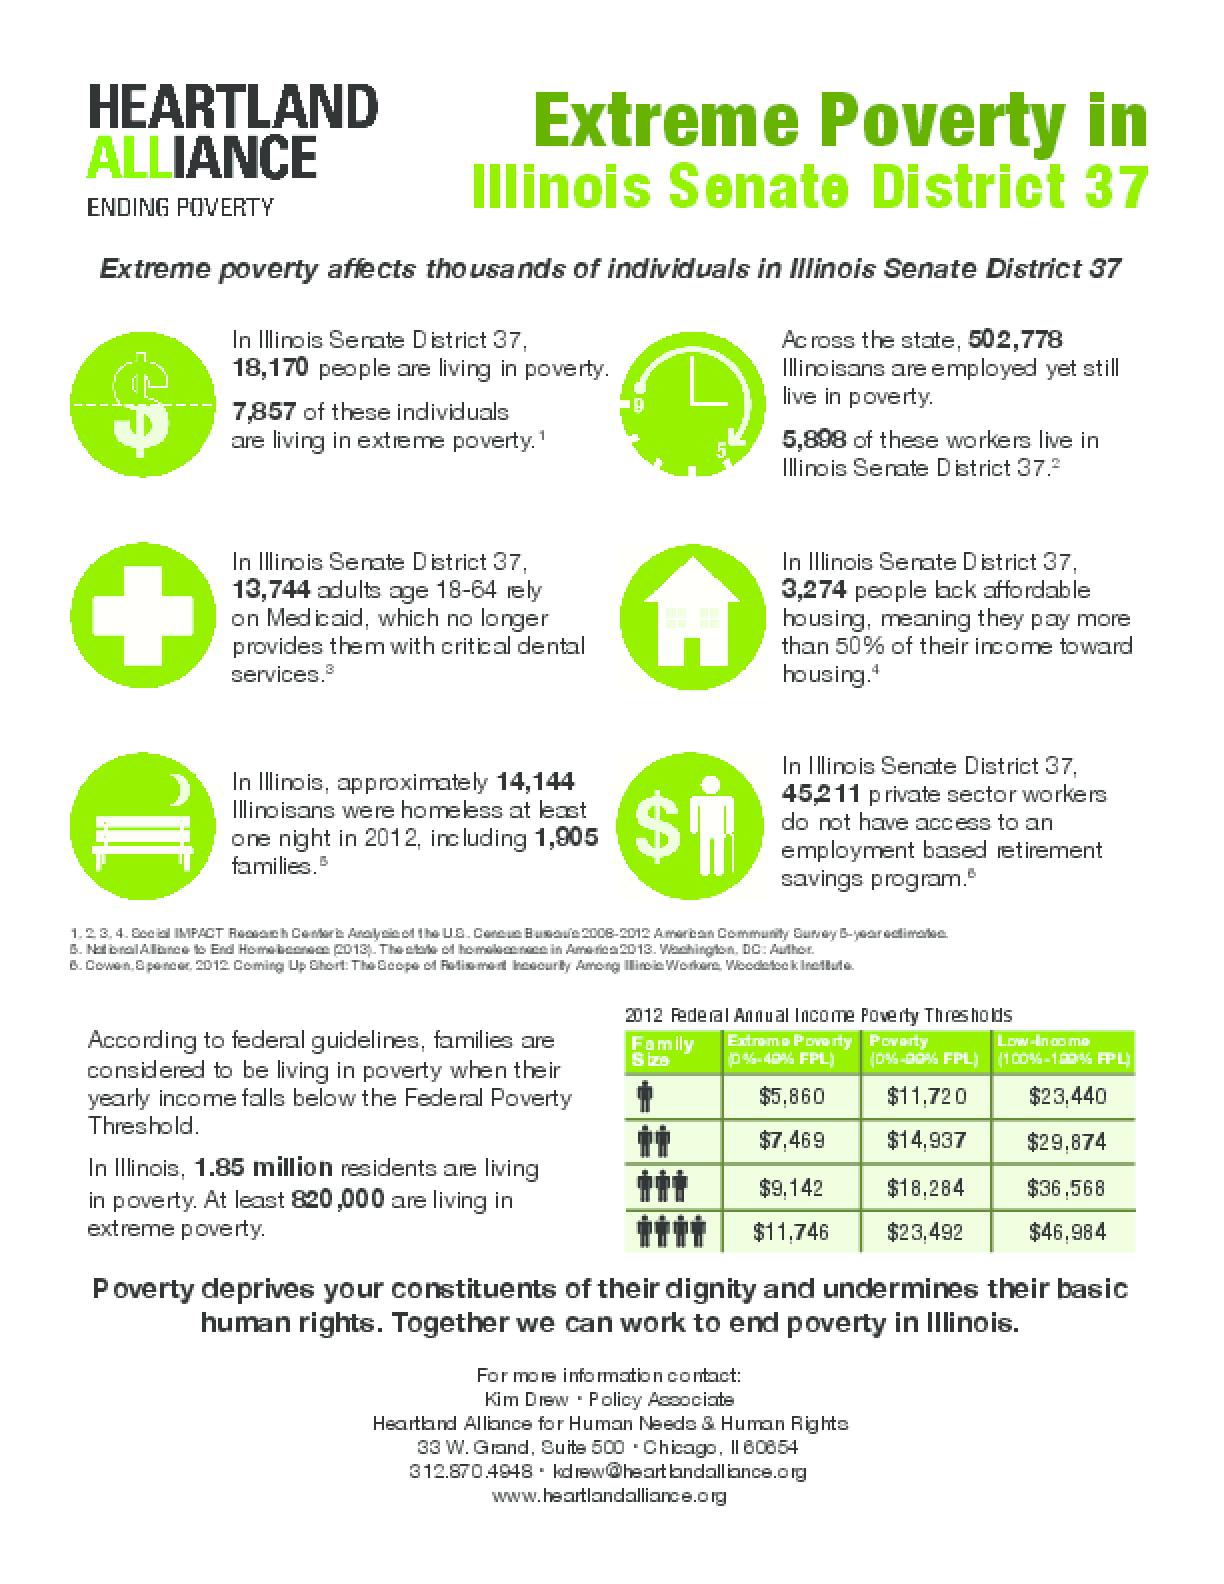 Poverty Fact Sheet for Illinois Senate District 37